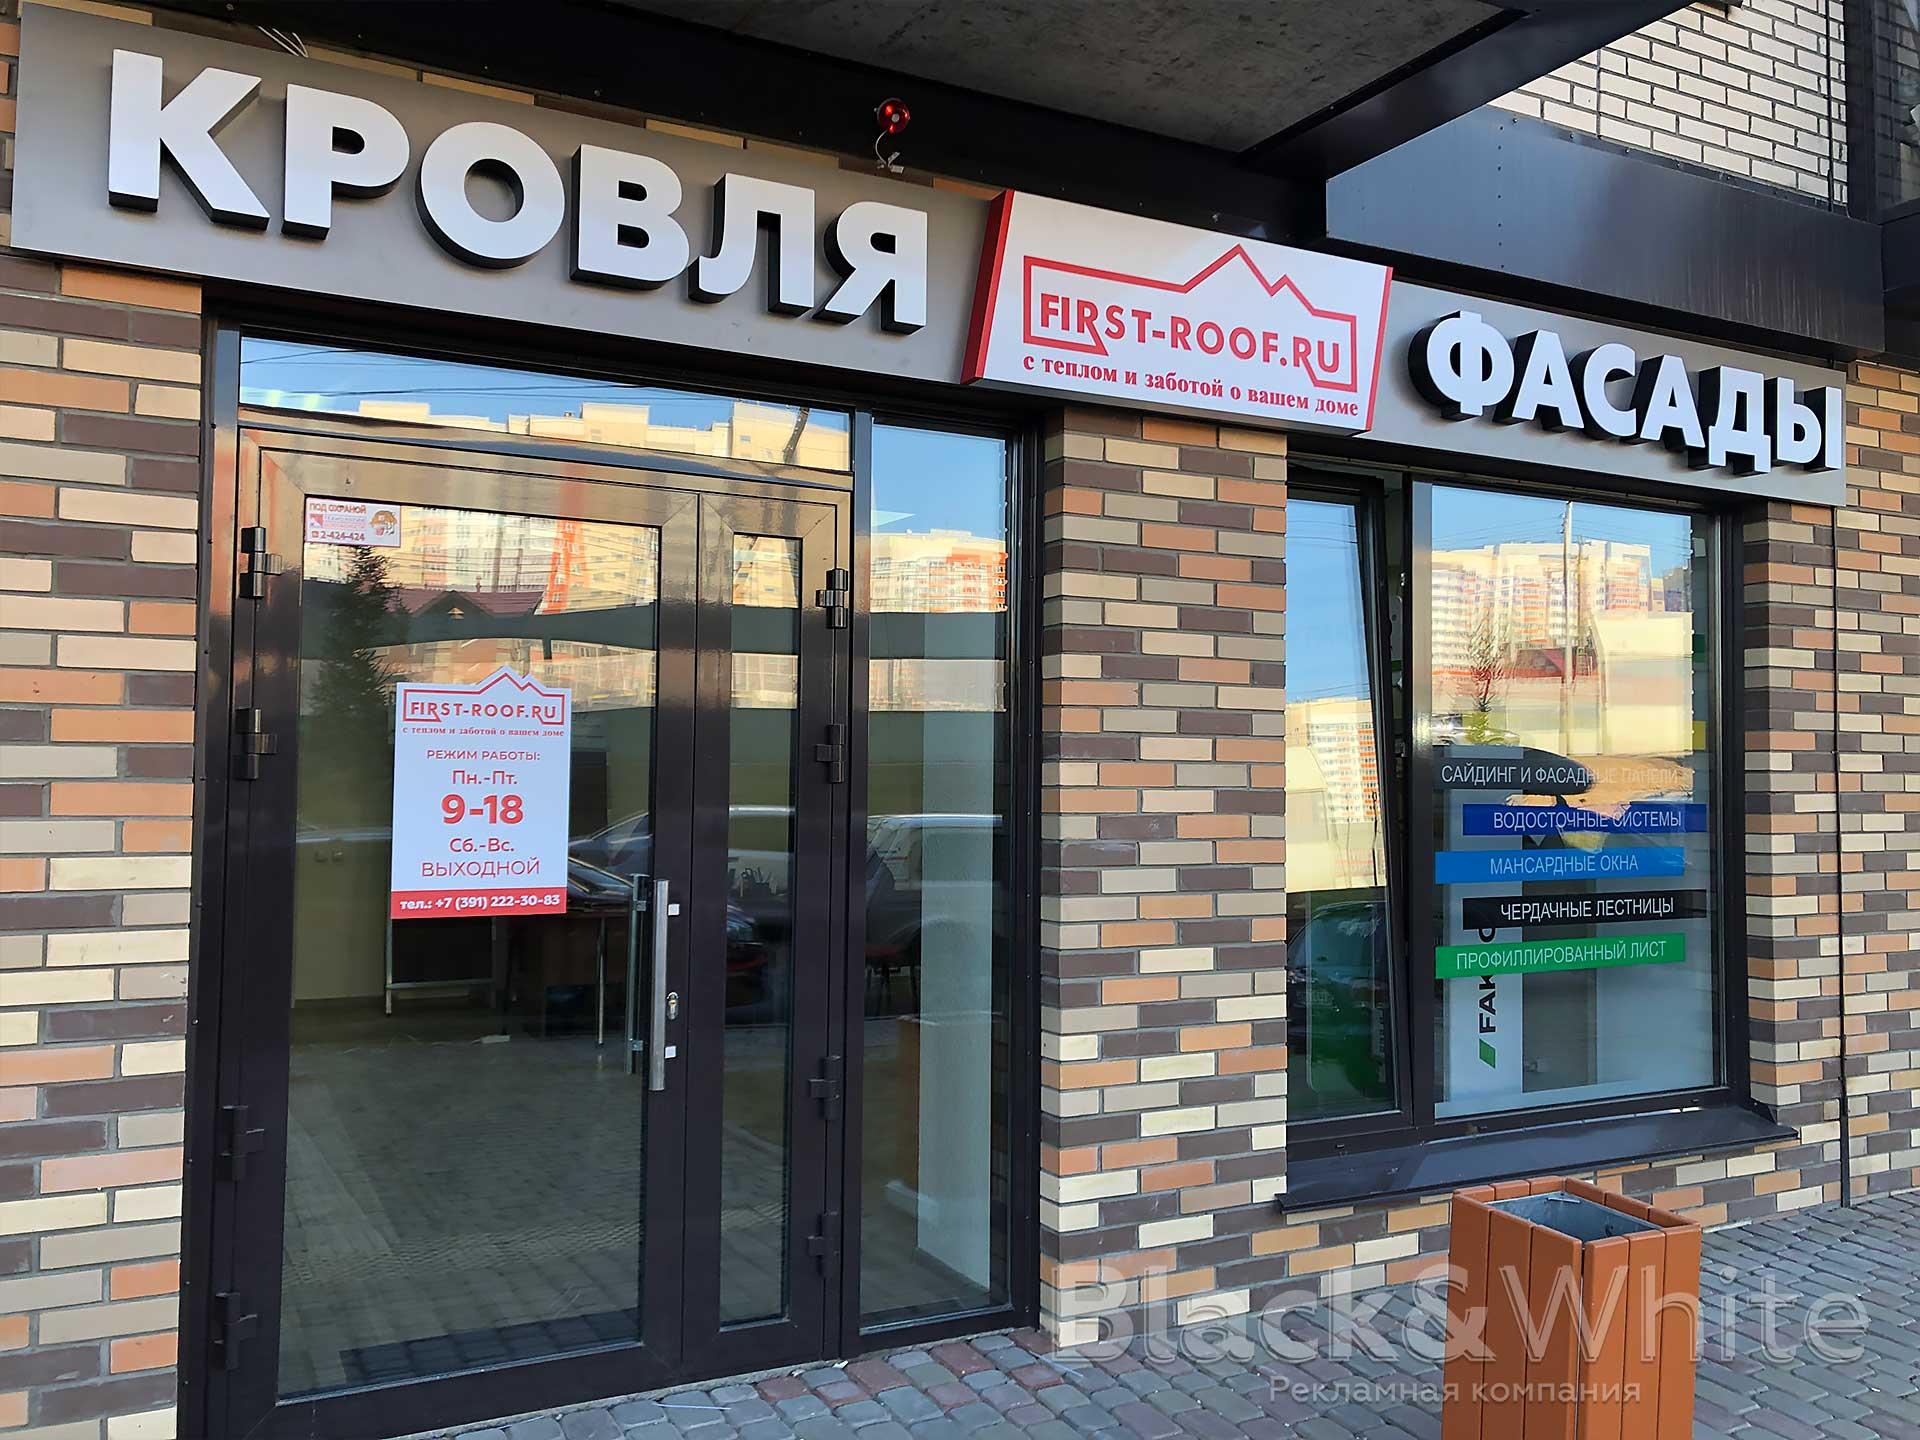 Изготовление-световой-вывески-с-объёмными-буквами-для-торговой-компании-в-Красноярске2.jpg